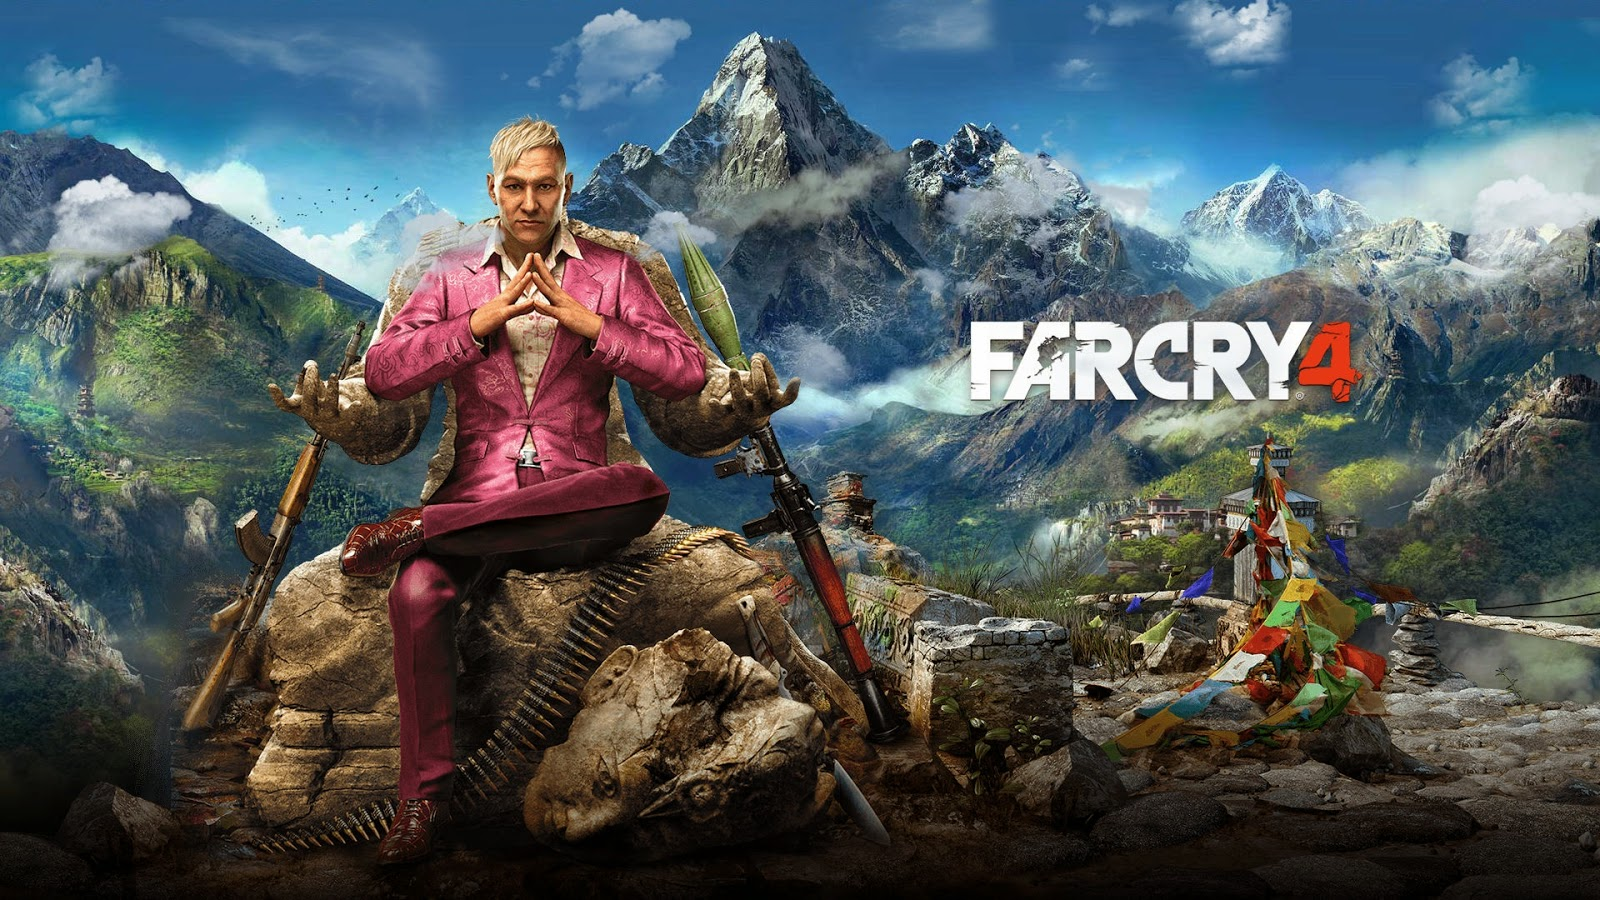 Usuarios de Far cry 4 inadvertidamente admiten tener una copia pirata del juego